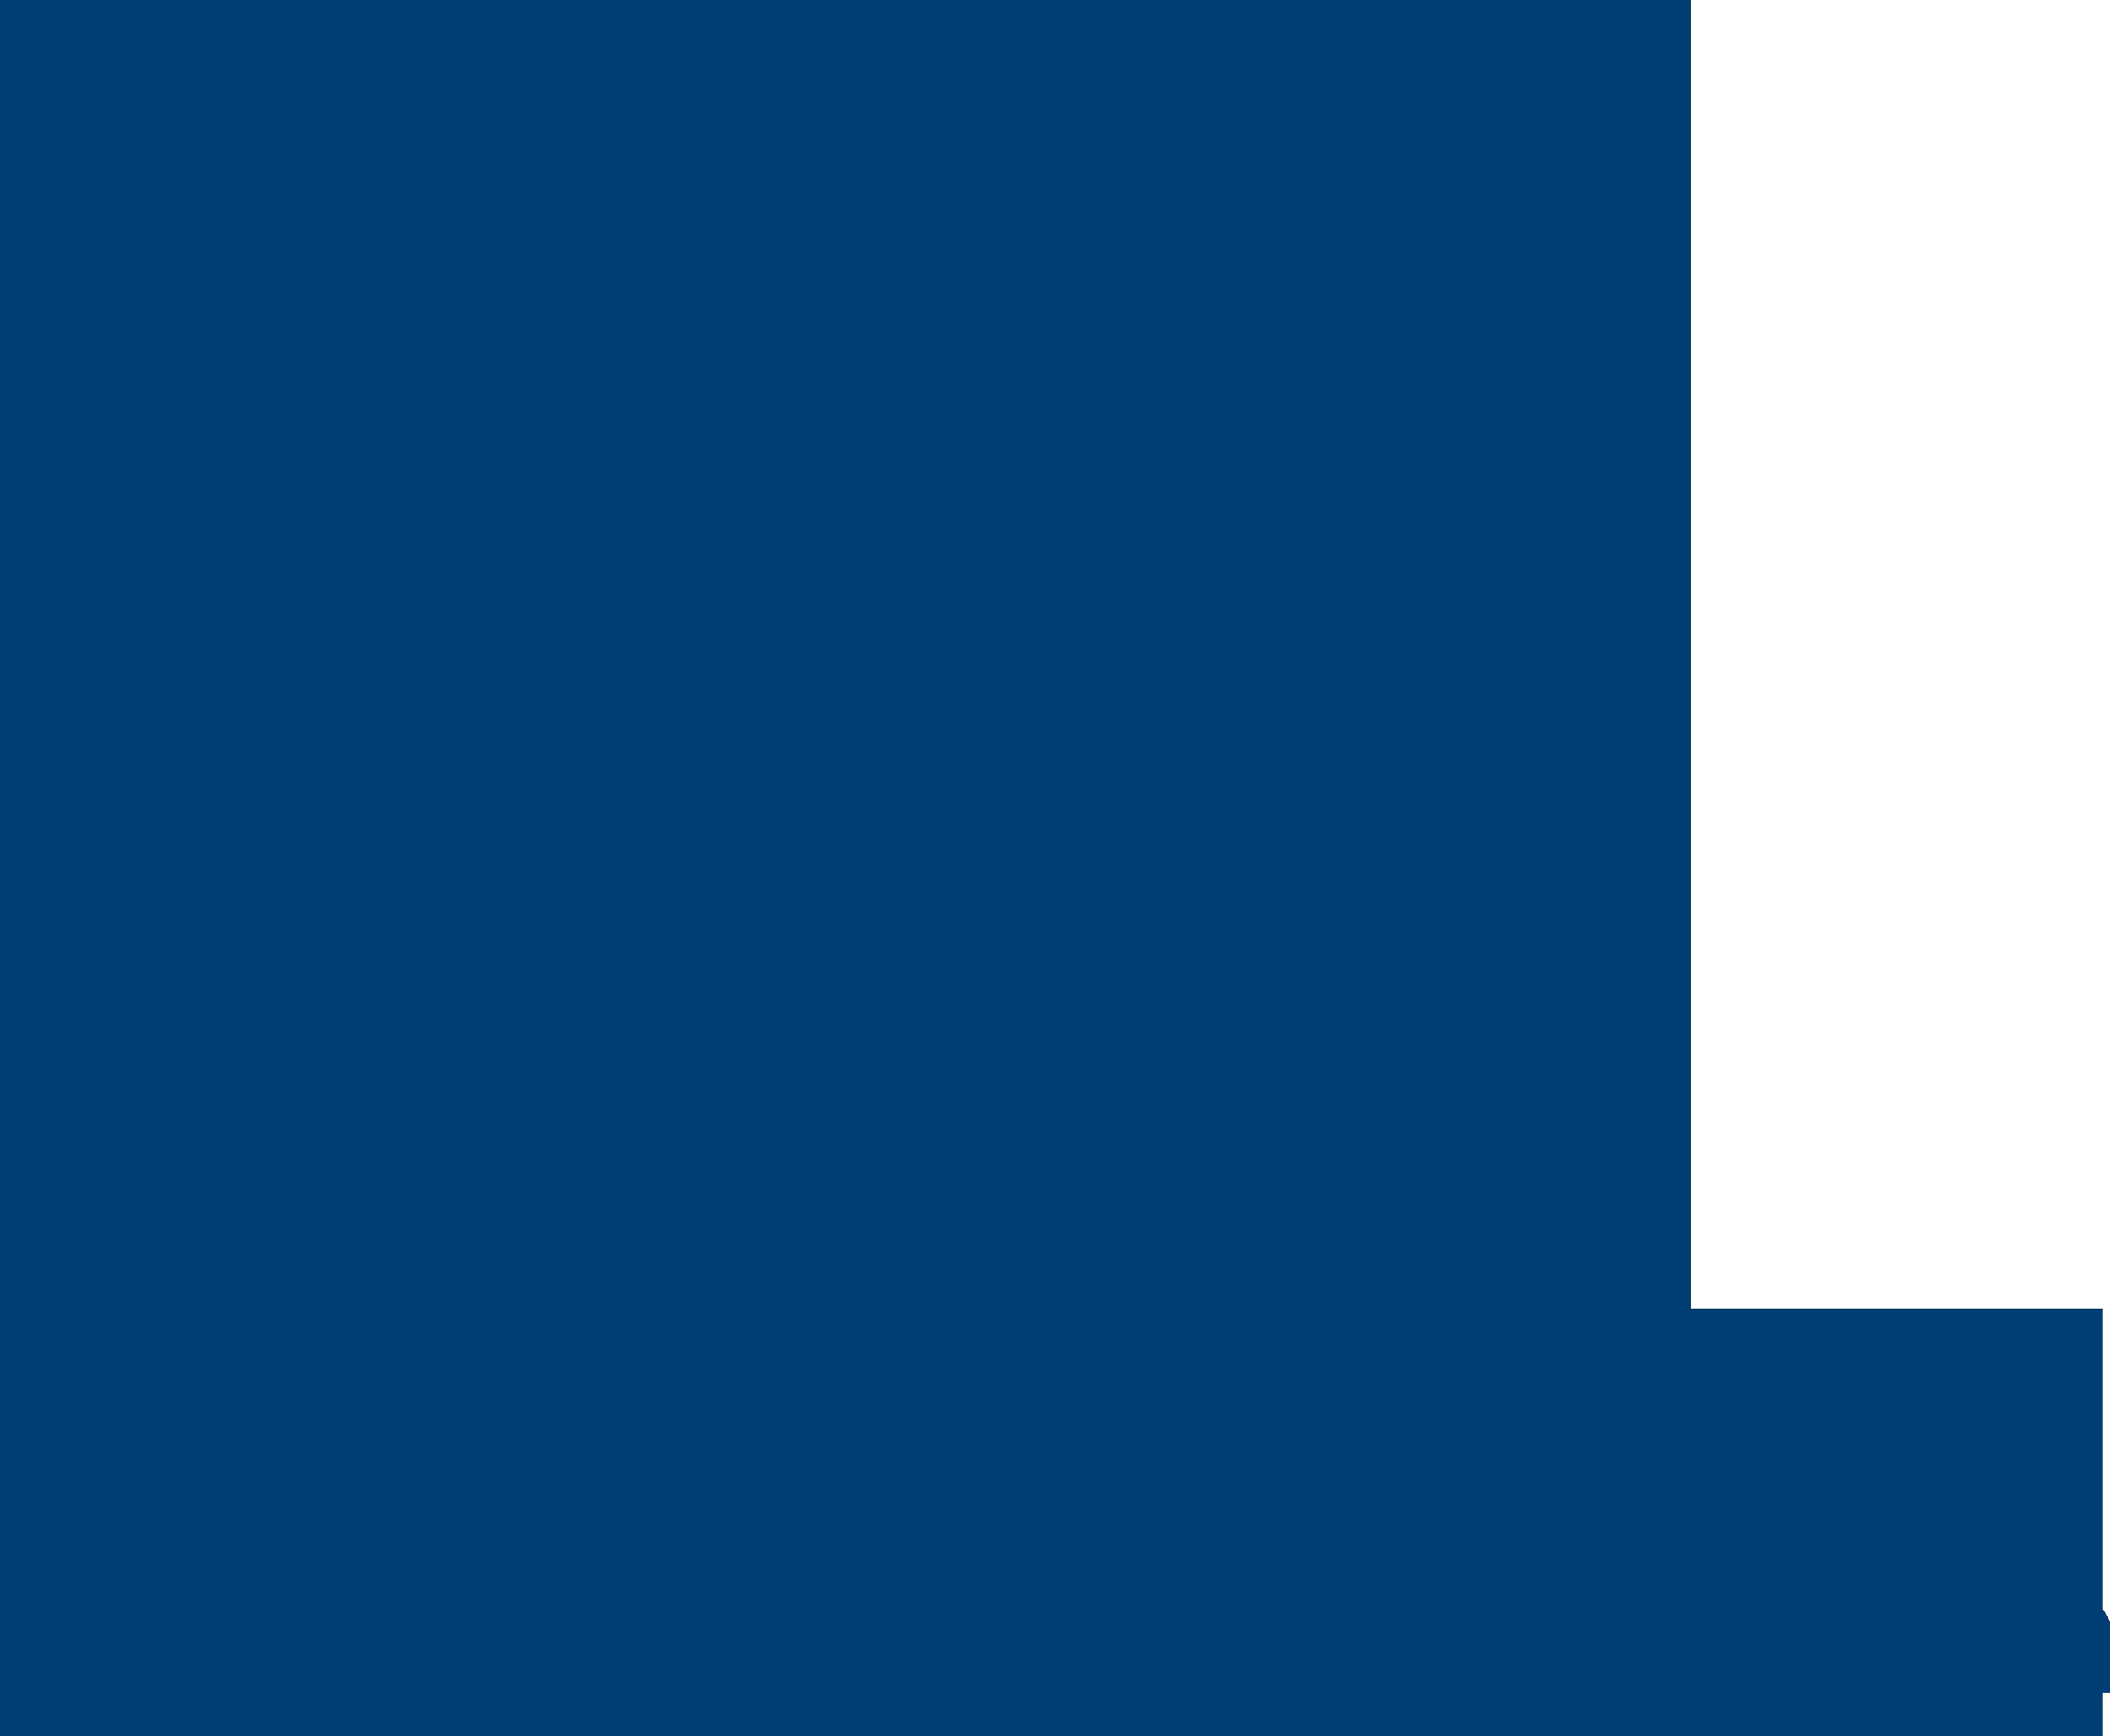 Main-Headway-logo-blue